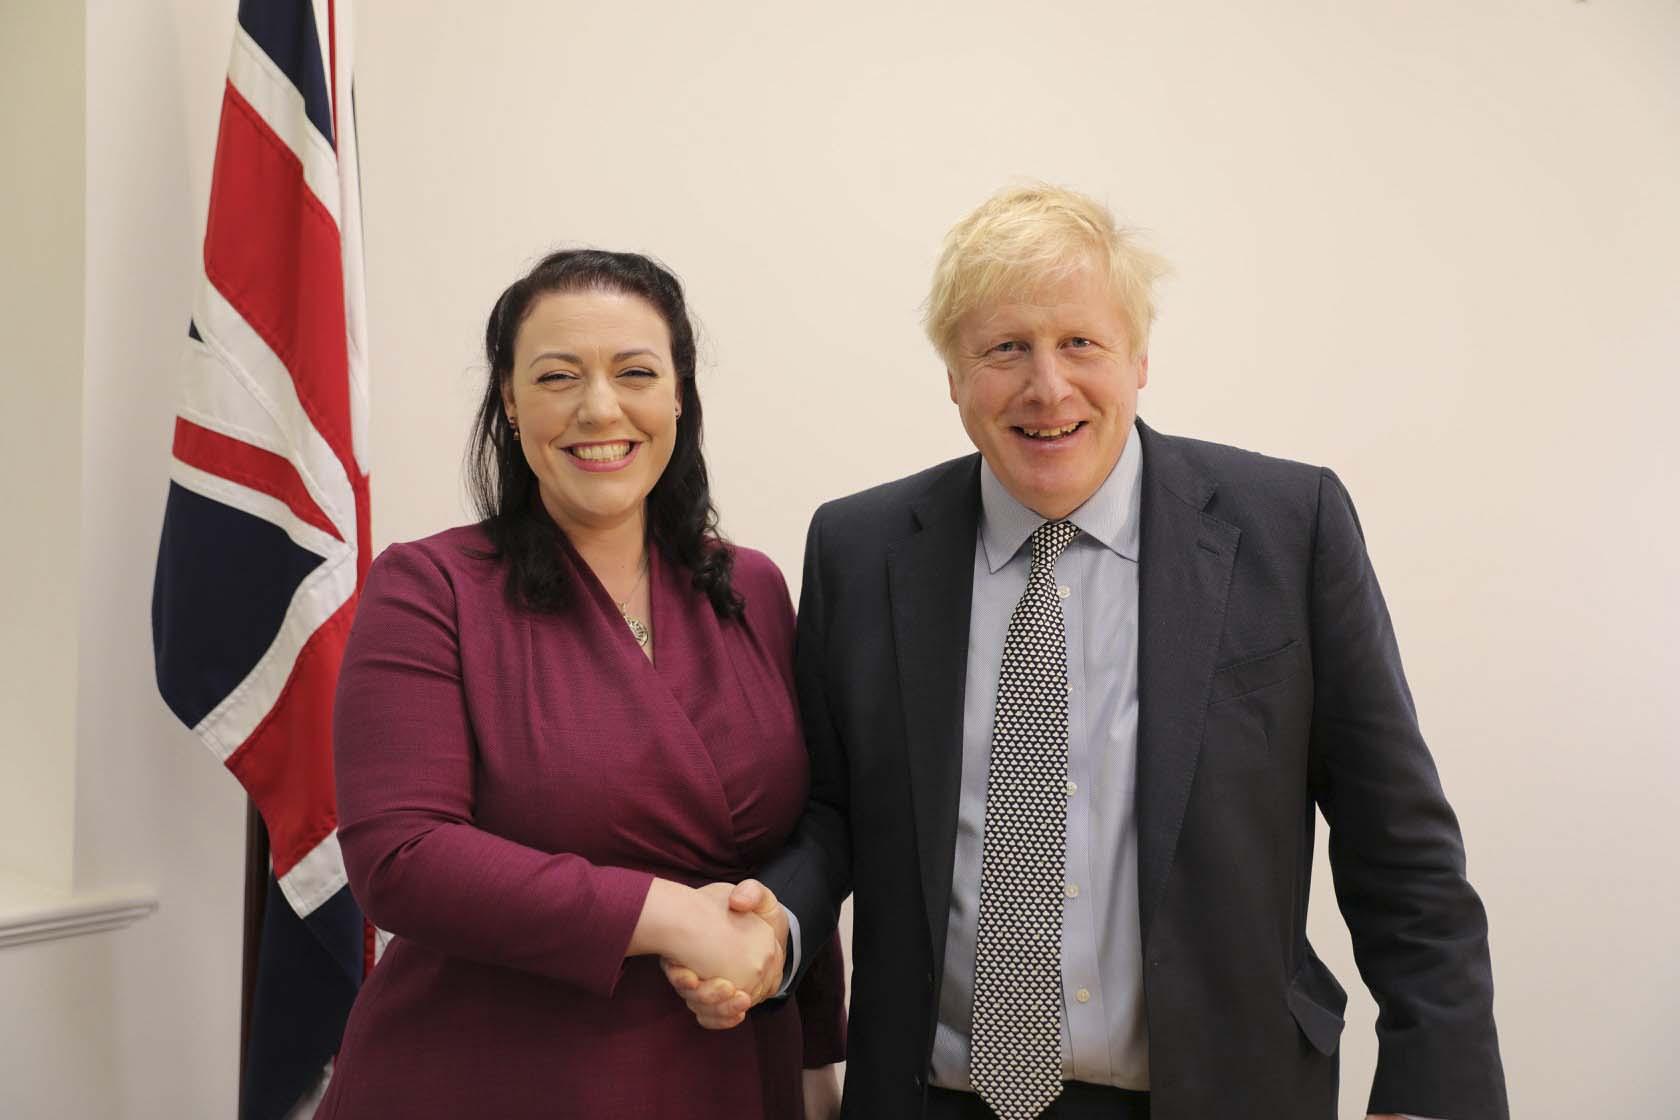 Alicia with PM Boris Johnson